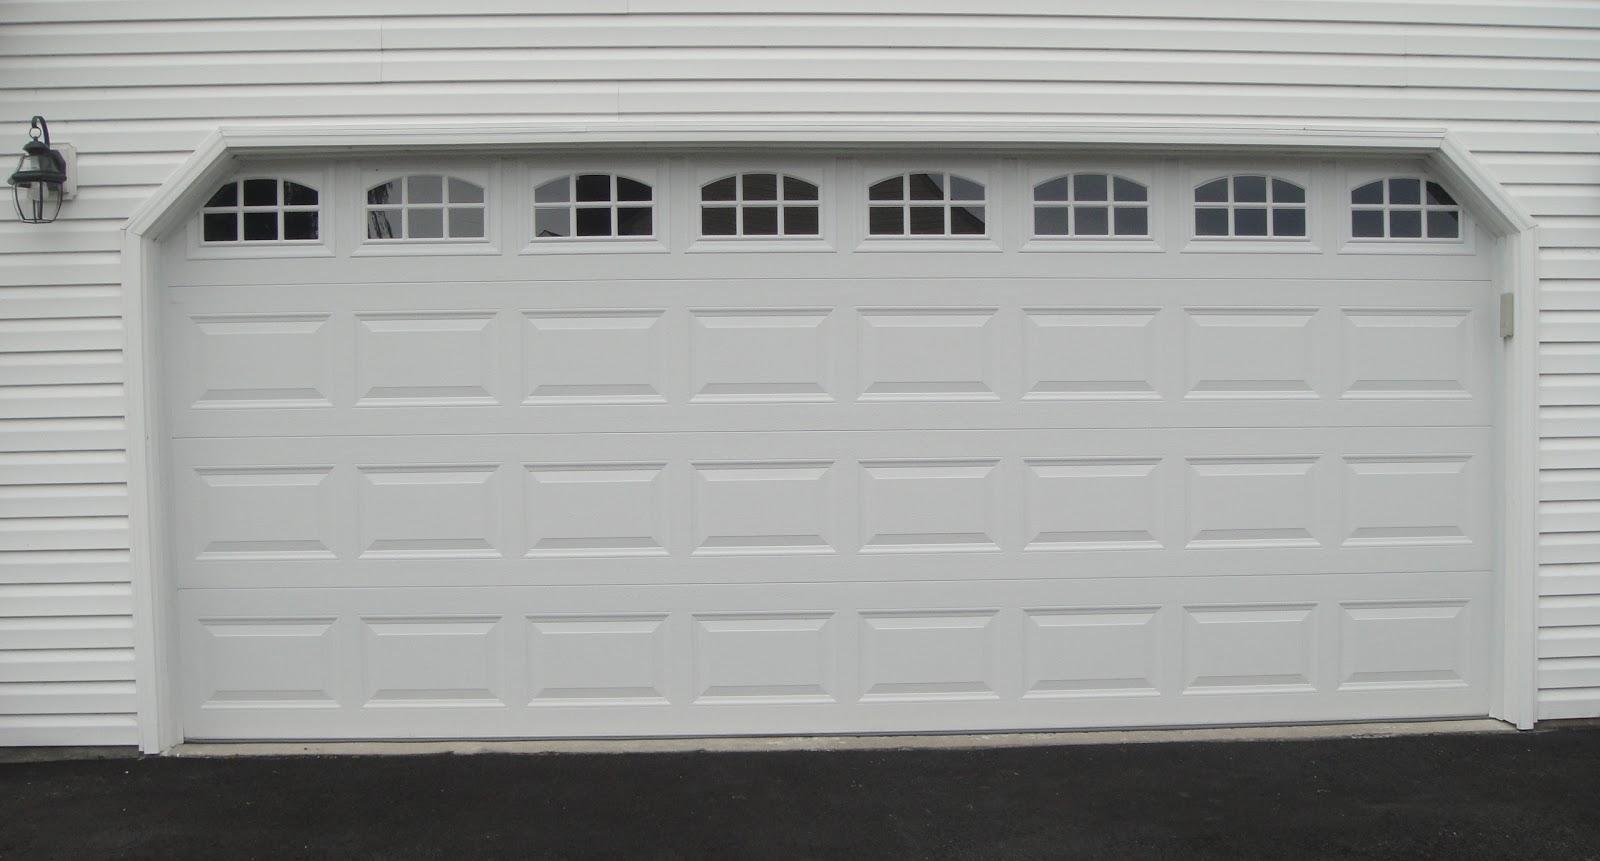 861 #505158 X 12 Garage Door 12 Garage Door Http://moparmotorhead.blogspot.com  wallpaper 8x7 Garage Doors 37051600